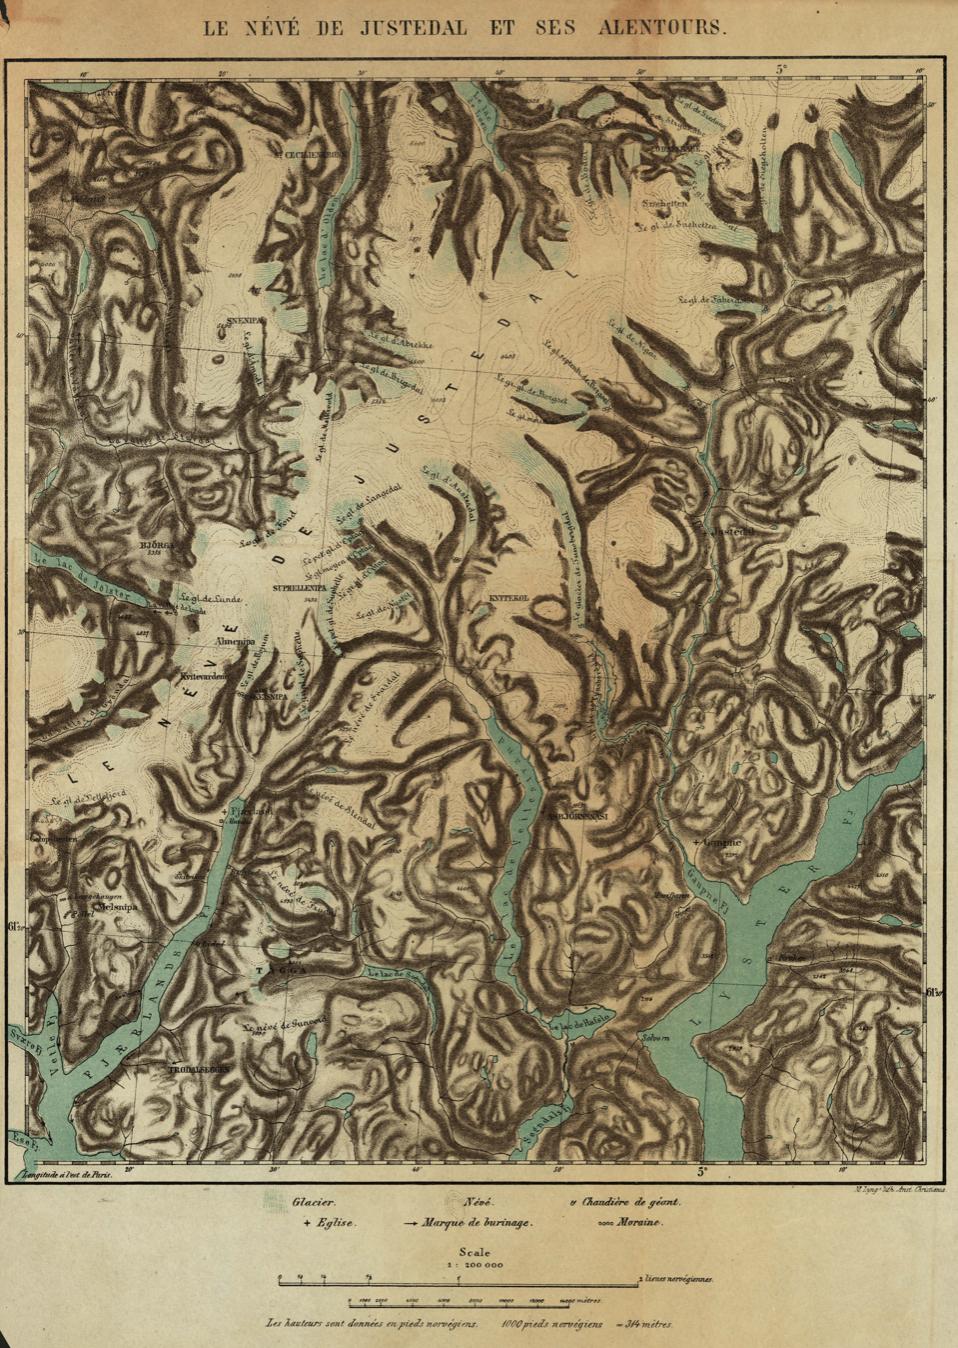 Flere av områdene rundt Jostedalsbreen var fremdeles ukjente mot slutten av 1800-tallet. Kilde: Kartverket (M. Lyng's lith. Anst. Christiania 1890).